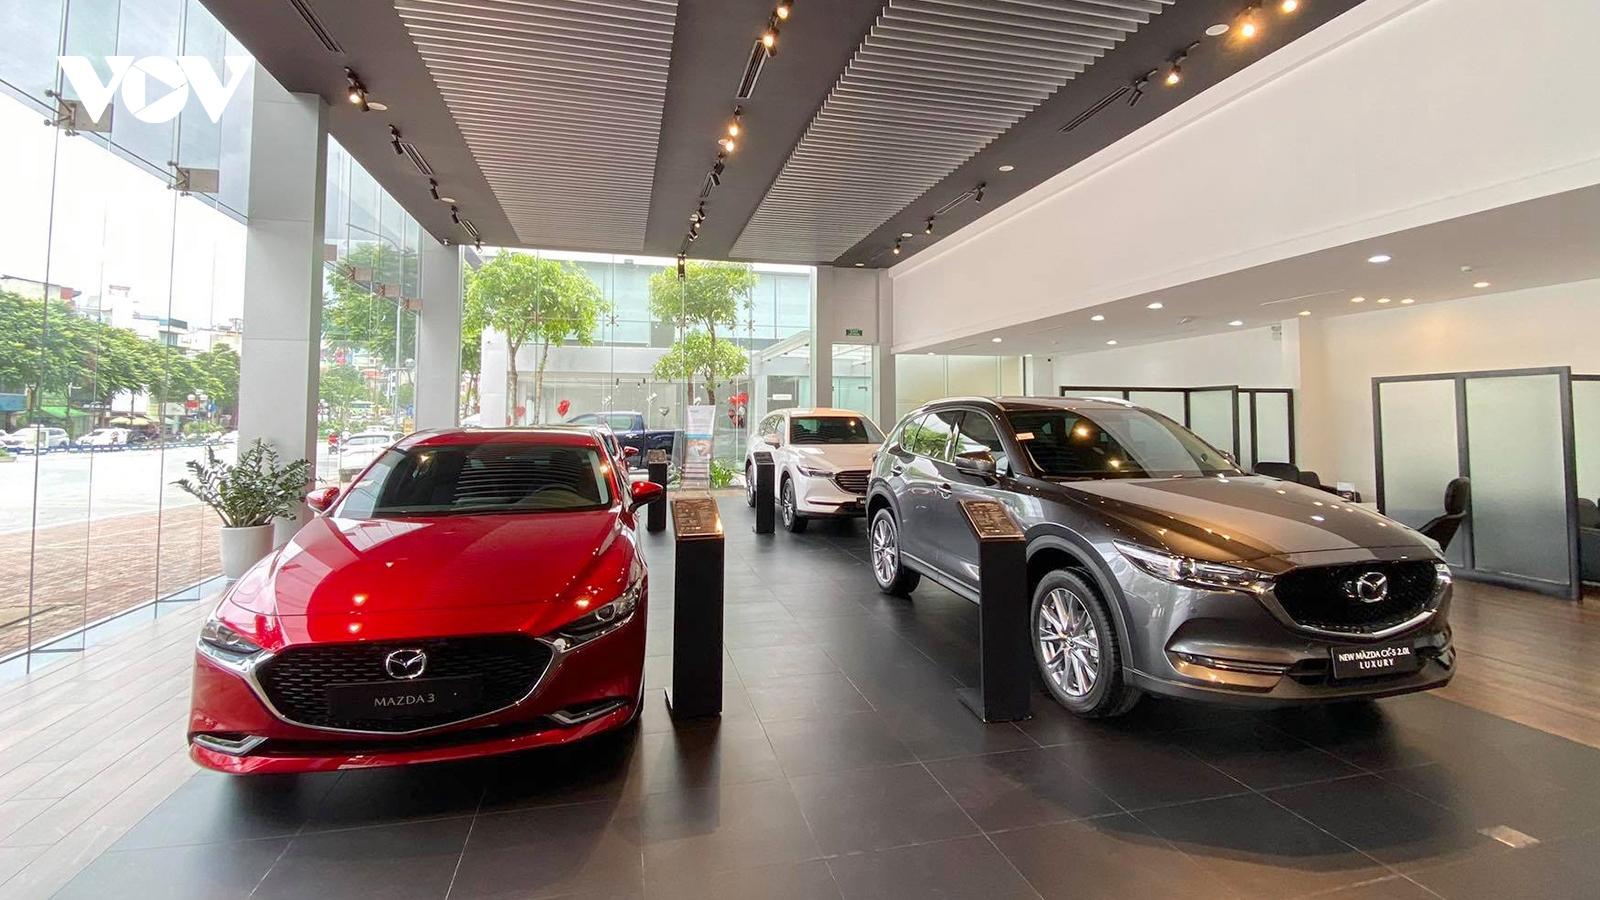 Hết giảm 50% phí trước bạ, thị trường ô tô sụt giảm mạnh mẽ